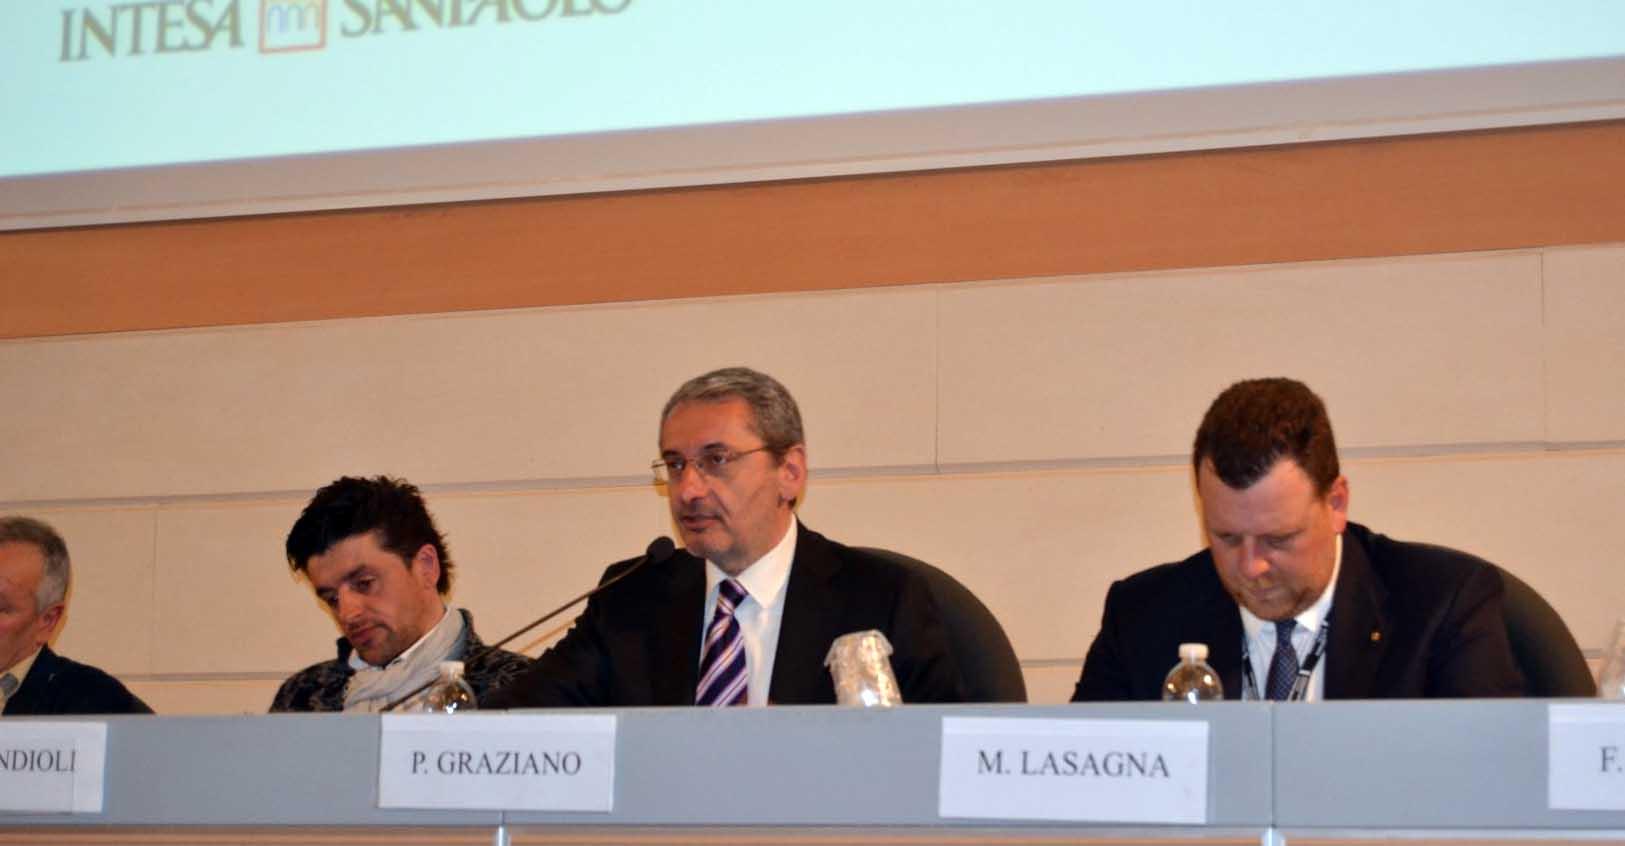 Intesa Sanpaolo Paolo Graziano5